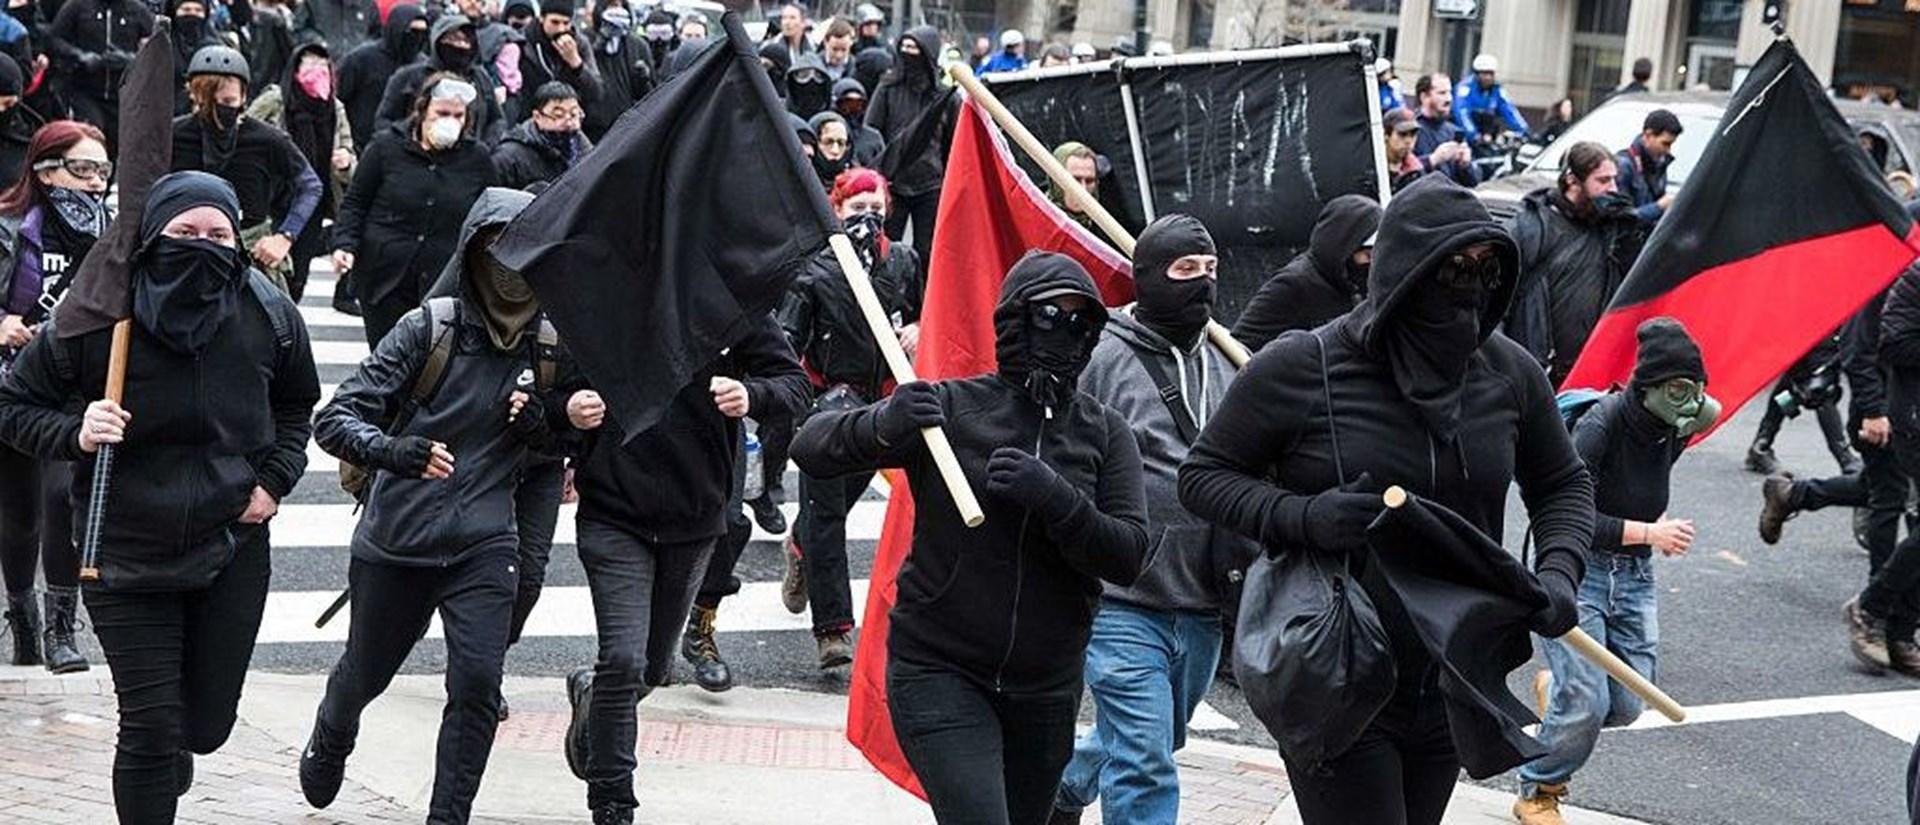 Sean Malone · Politics Antifa Political Violence ...